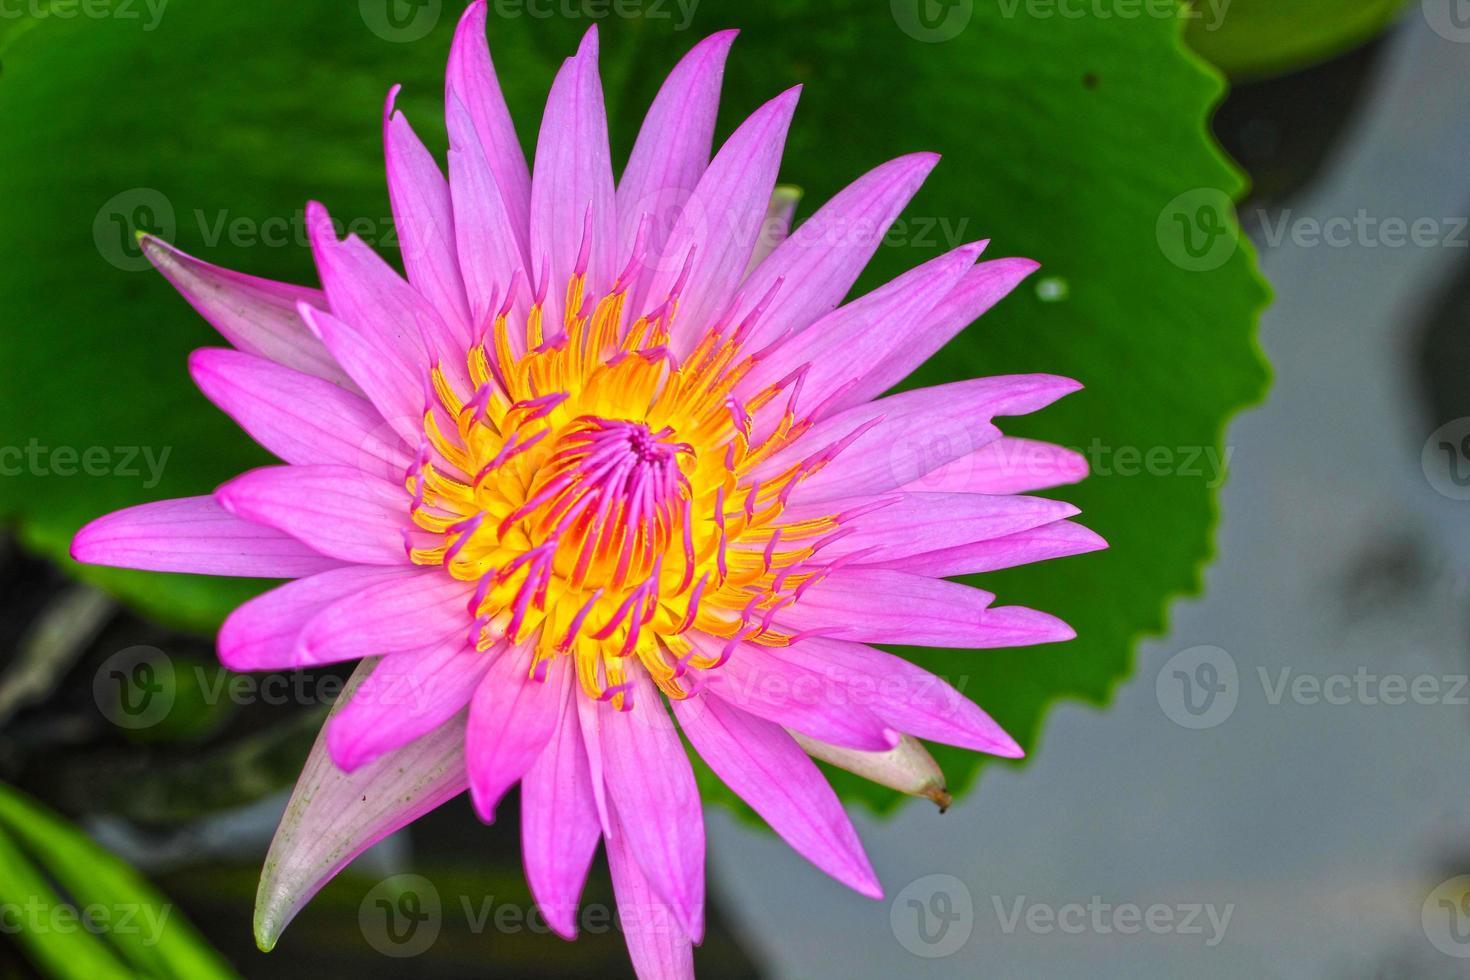 fiore di loto - fiore viola nella natura foto